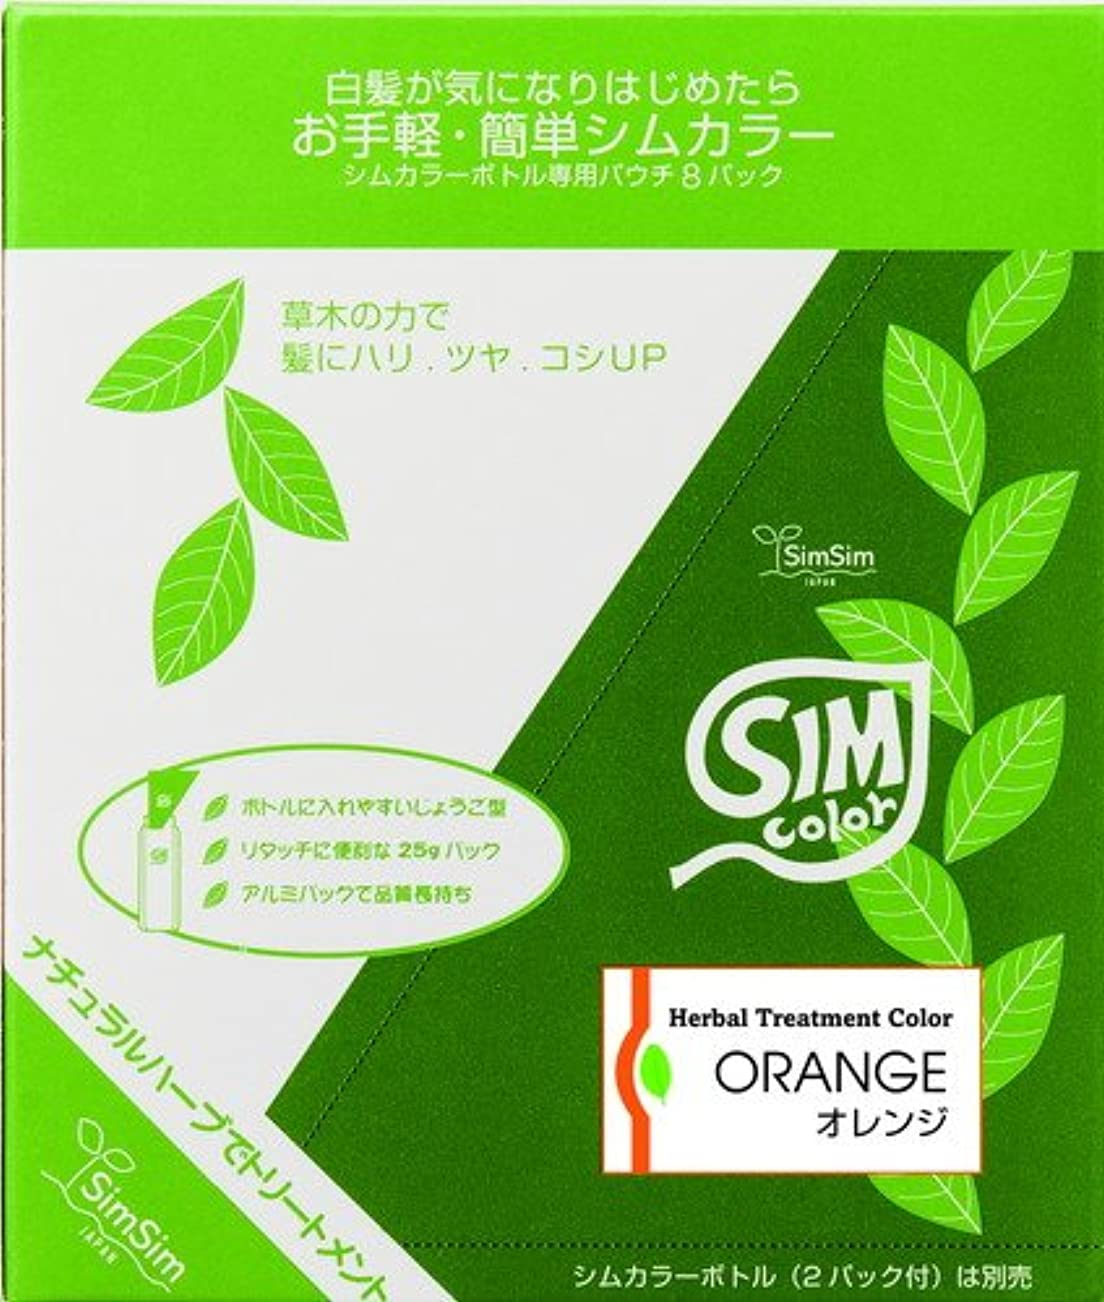 吸い込むモール変数SimSim(シムシム)お手軽簡単シムカラーエクストラ(EX)25g 8袋 オレンジ